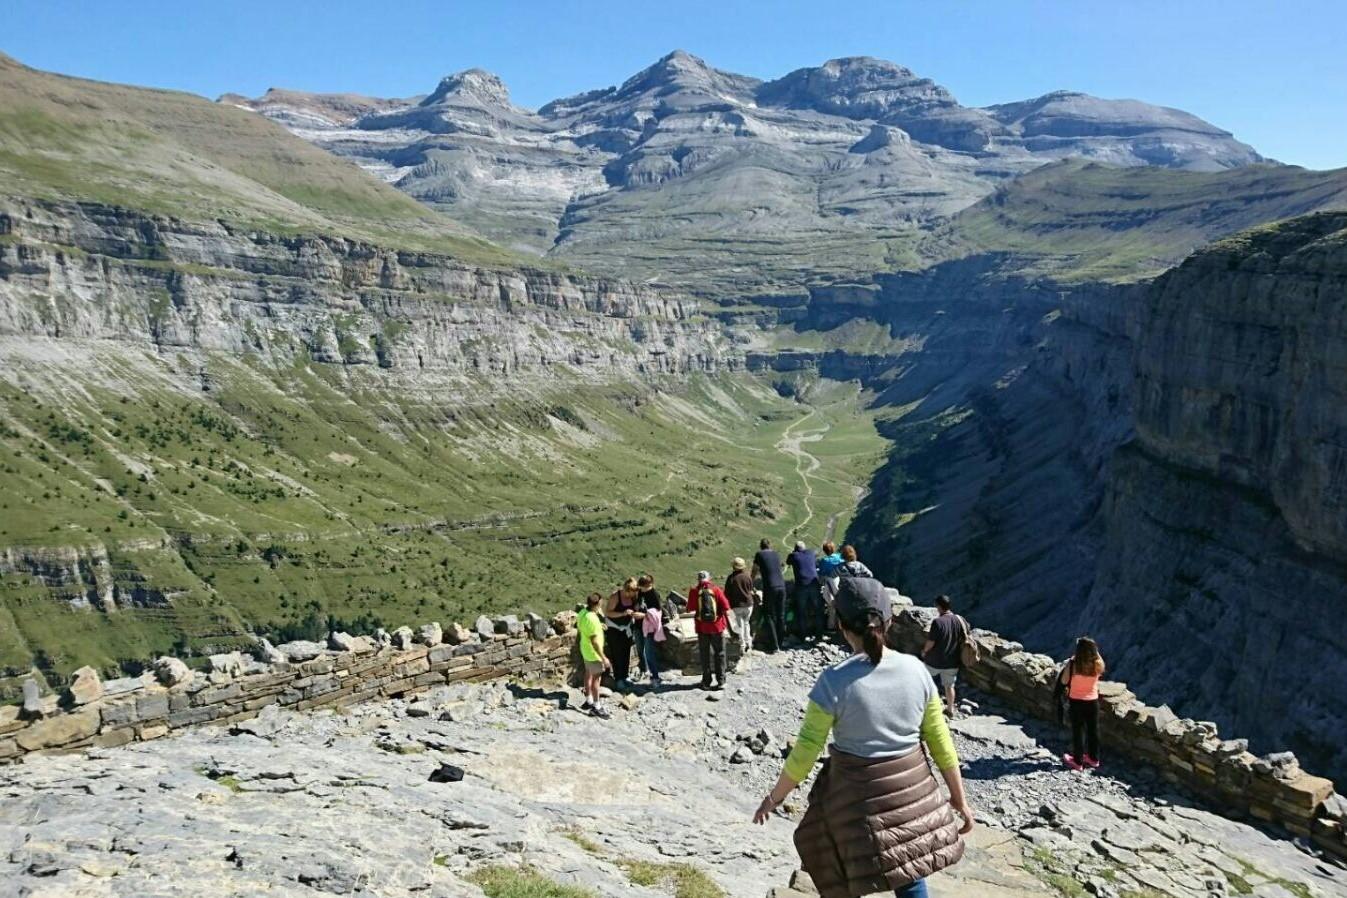 北スペインの観光スポットであるピレネー山脈のオルデサ国立公園